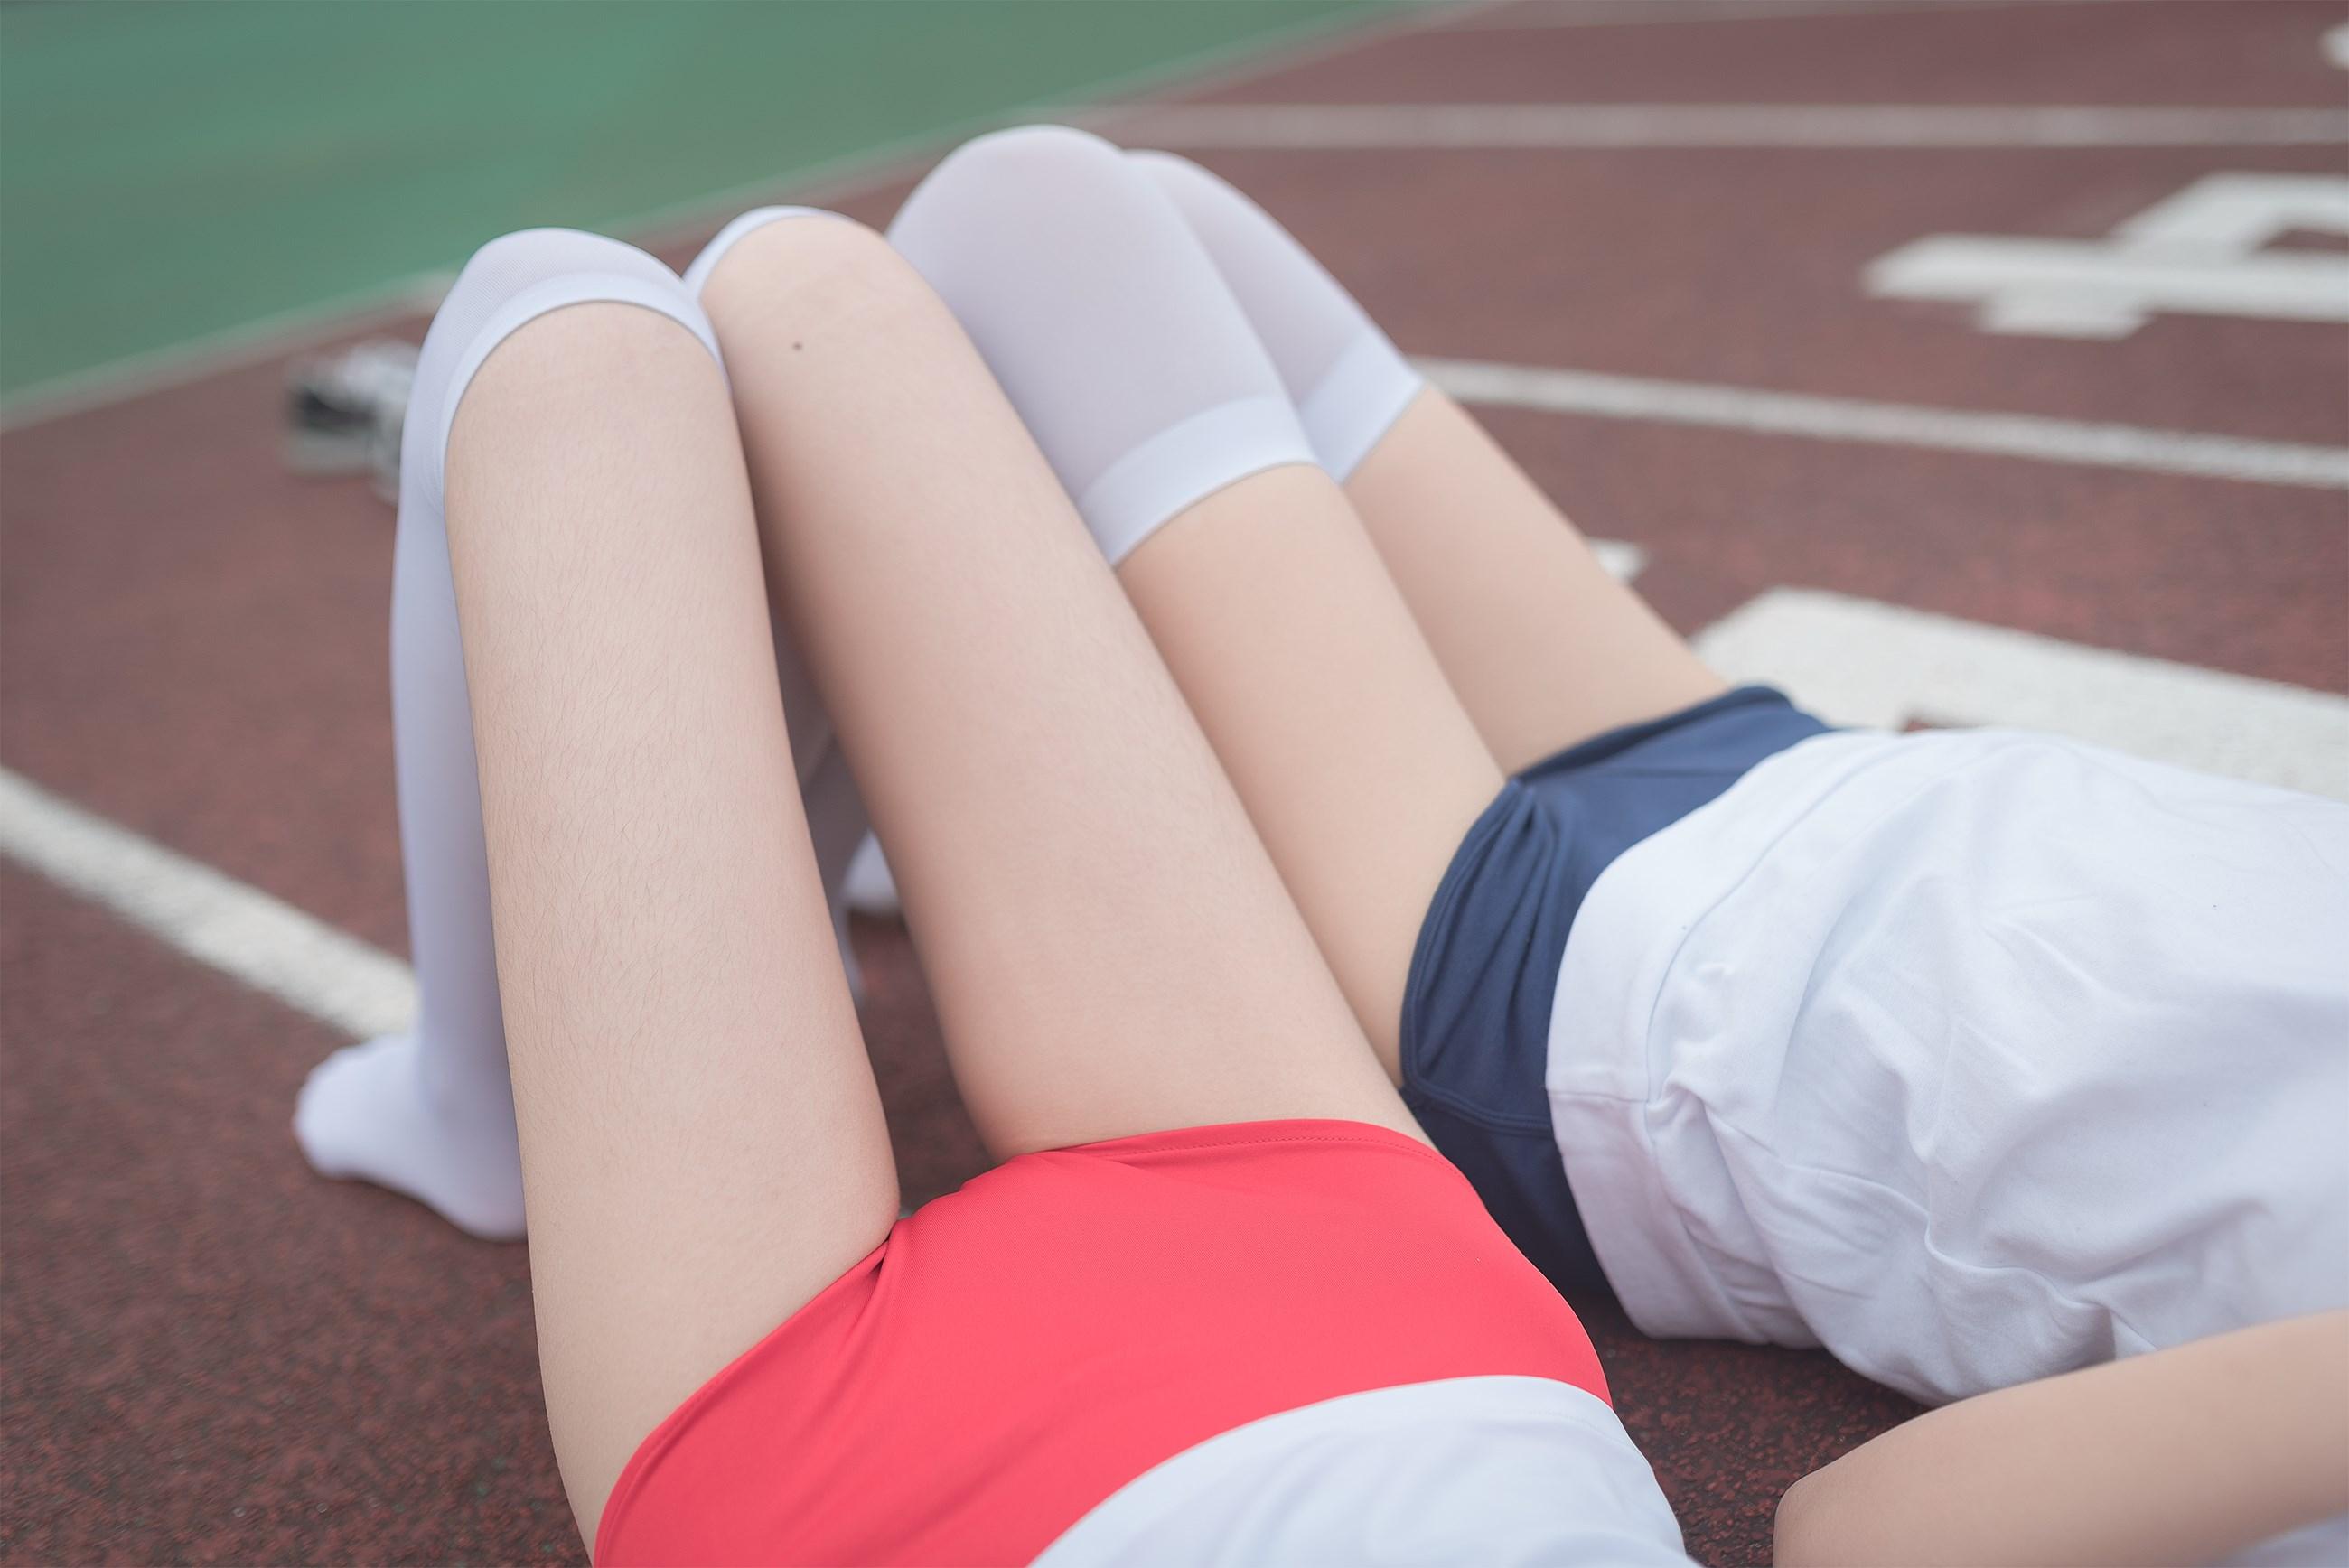 【兔玩映画】百合体操服少女 兔玩映画 第41张